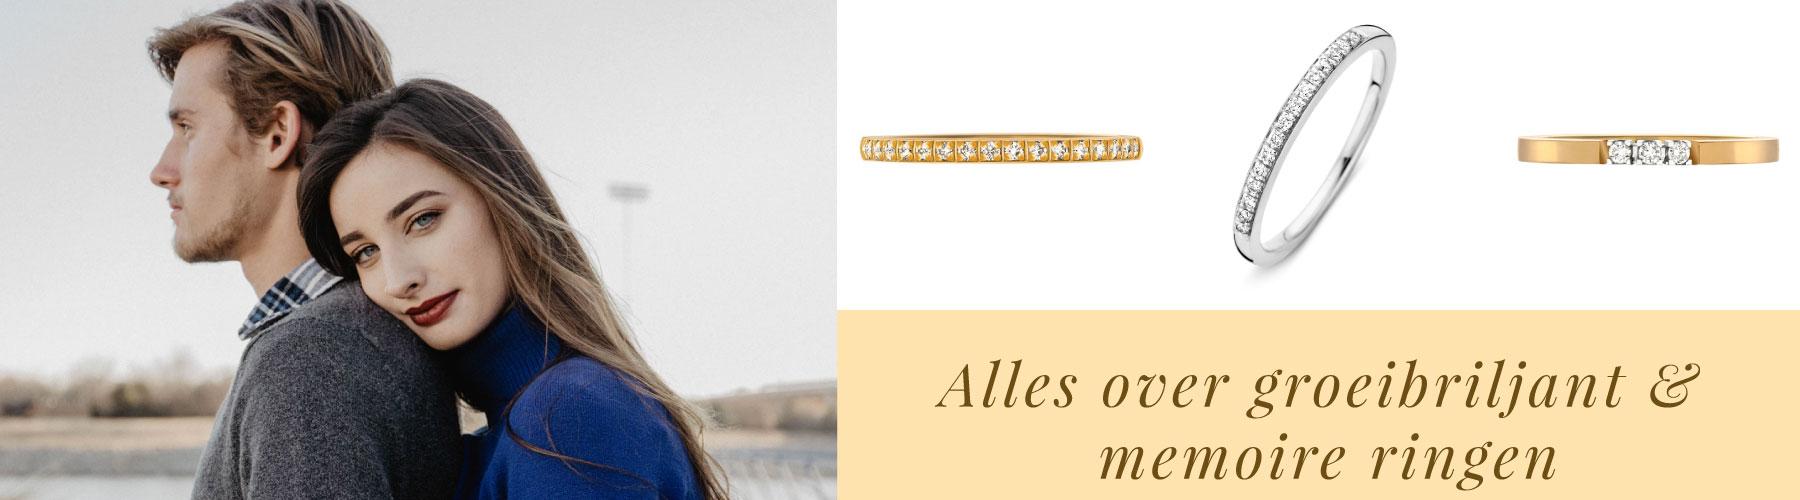 alles-over-groeibriljant-en-memoire-ringen-bij-Wolters-Juweliers-Coevorden-Emmen